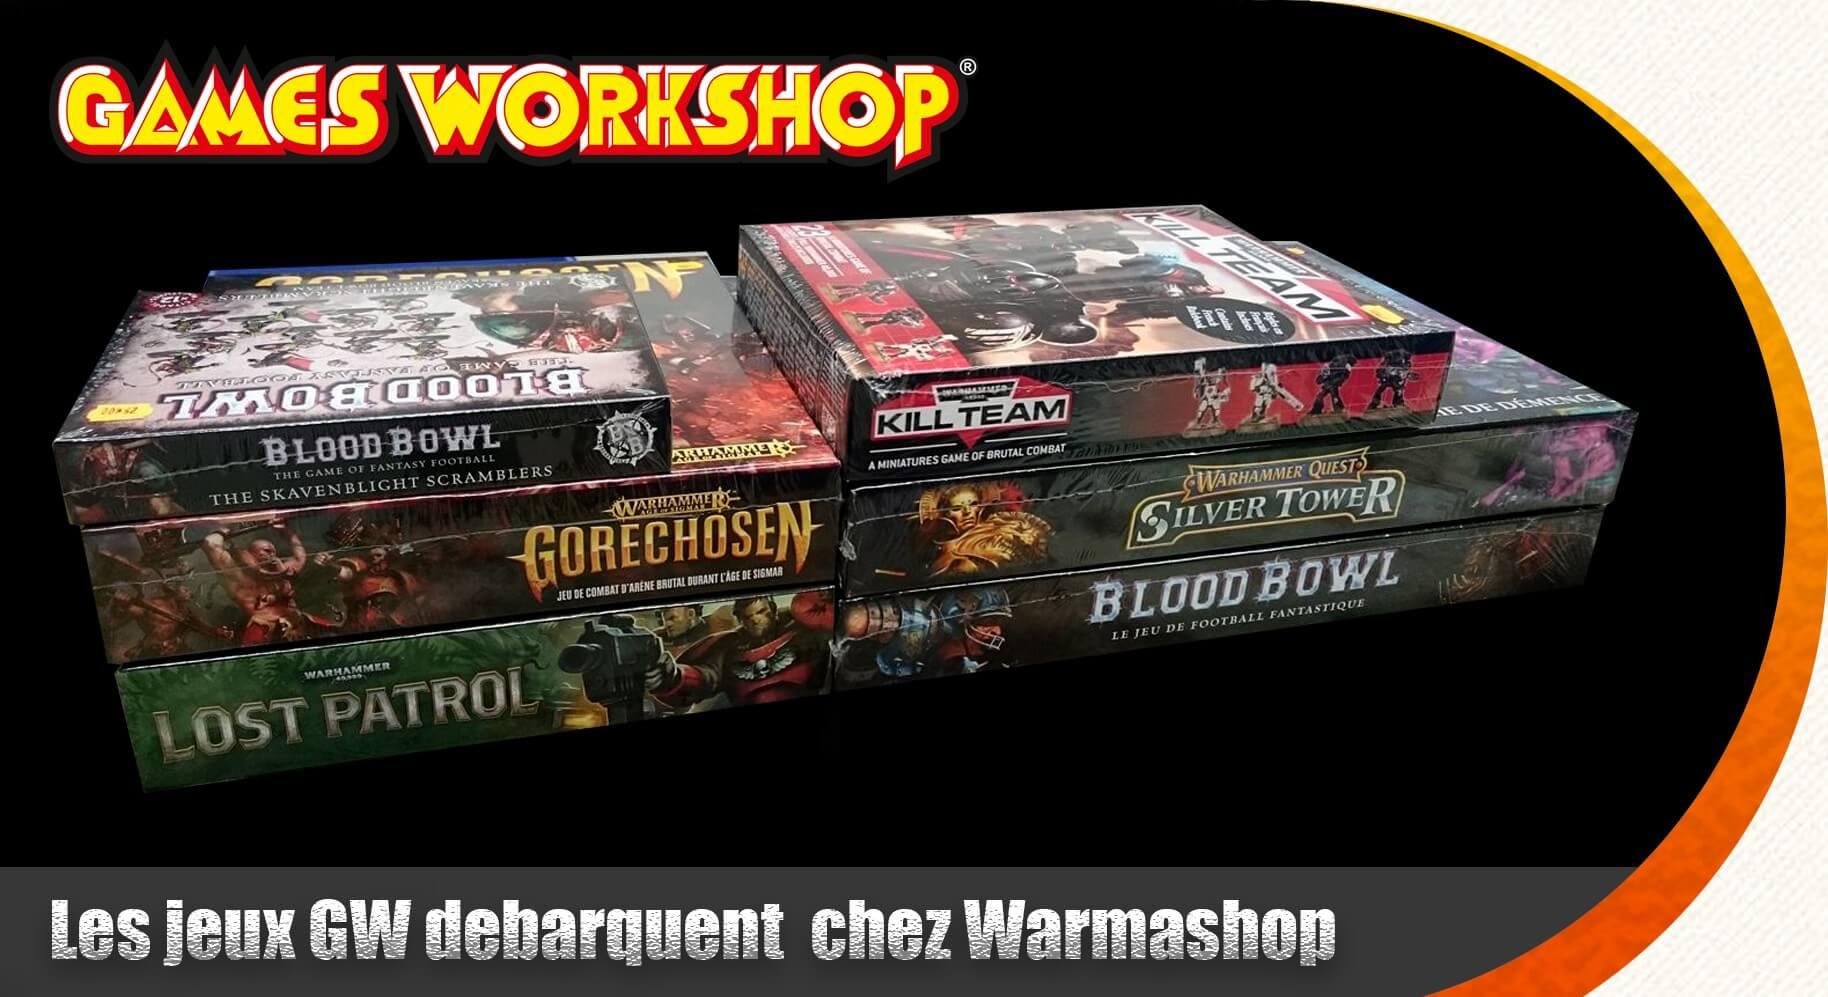 Games workshop jeux spécialsites